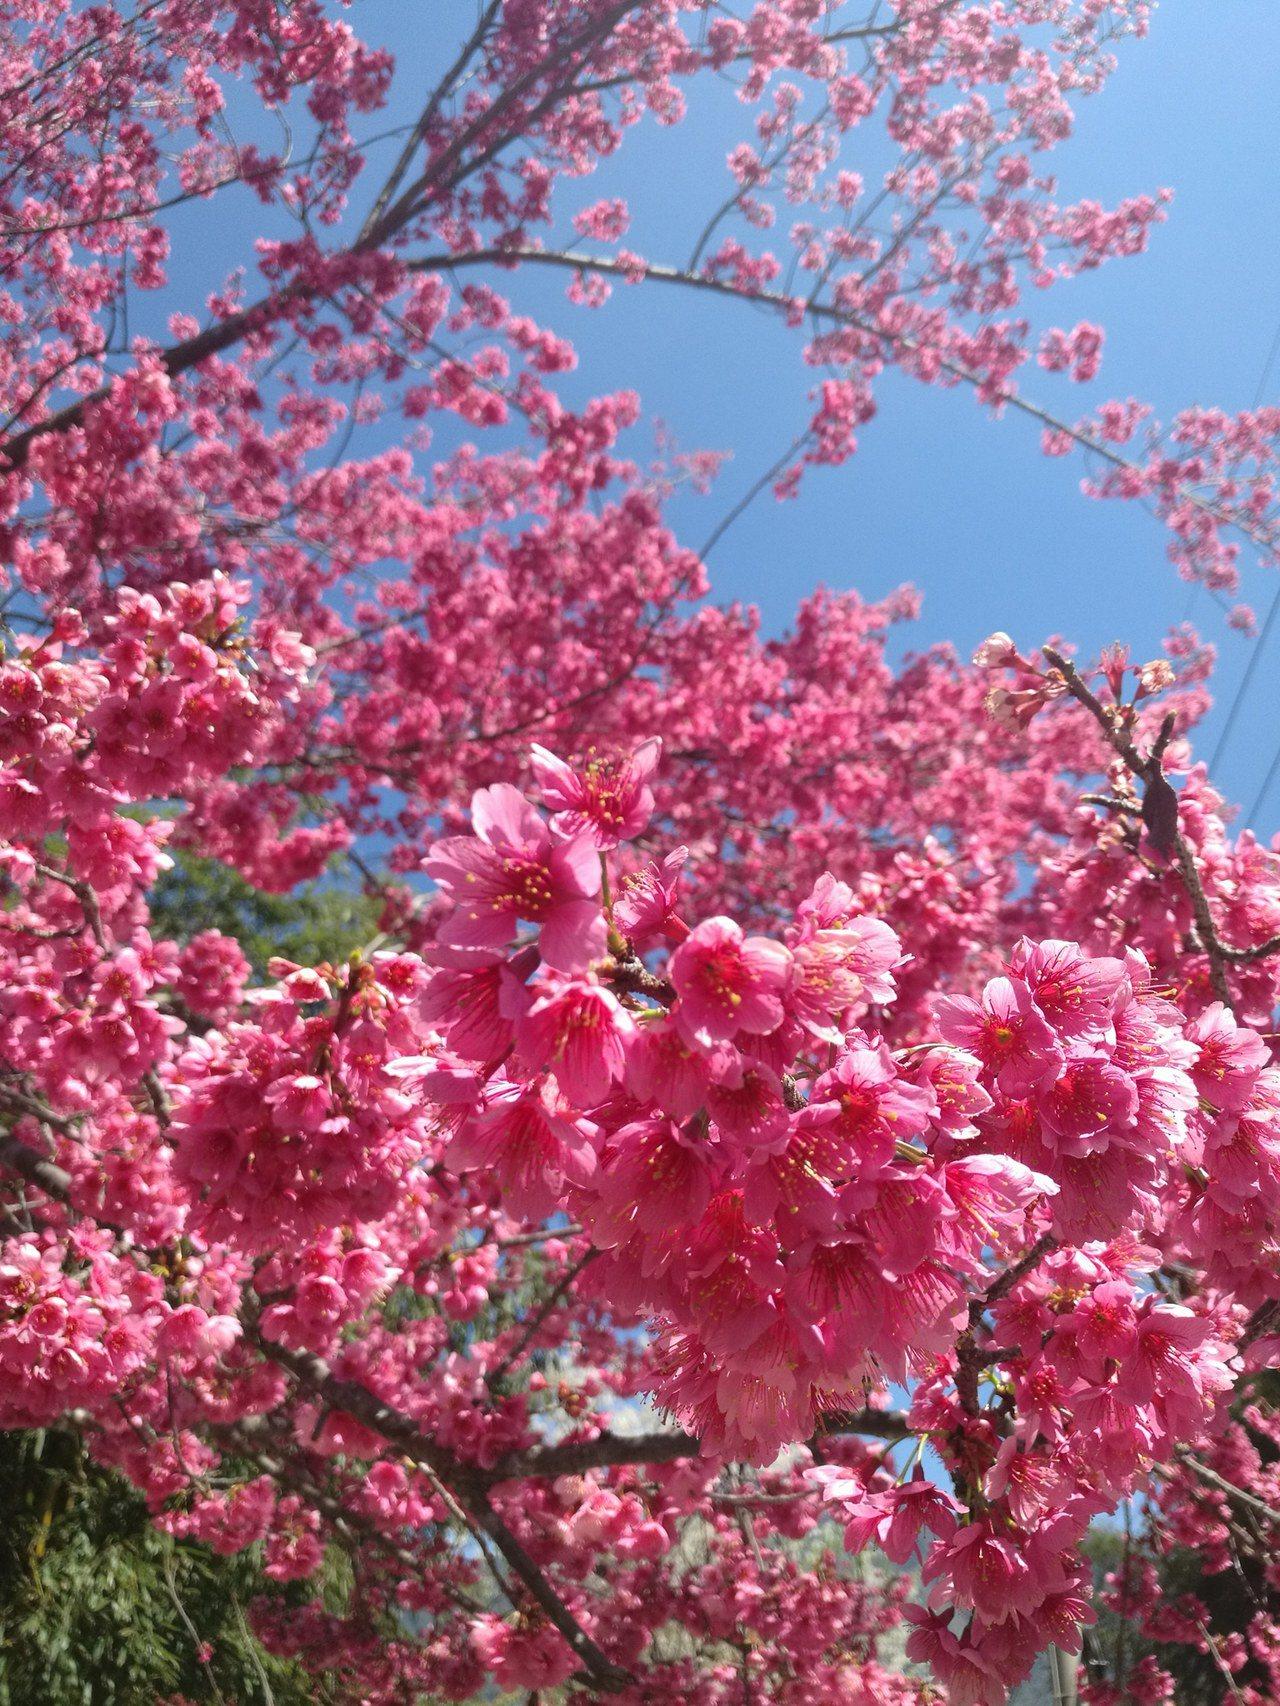 全台空氣品質拉警報,但新竹新光部落擁有整片蔚藍的天空、盛開櫻花,以及最棒的新鮮空...